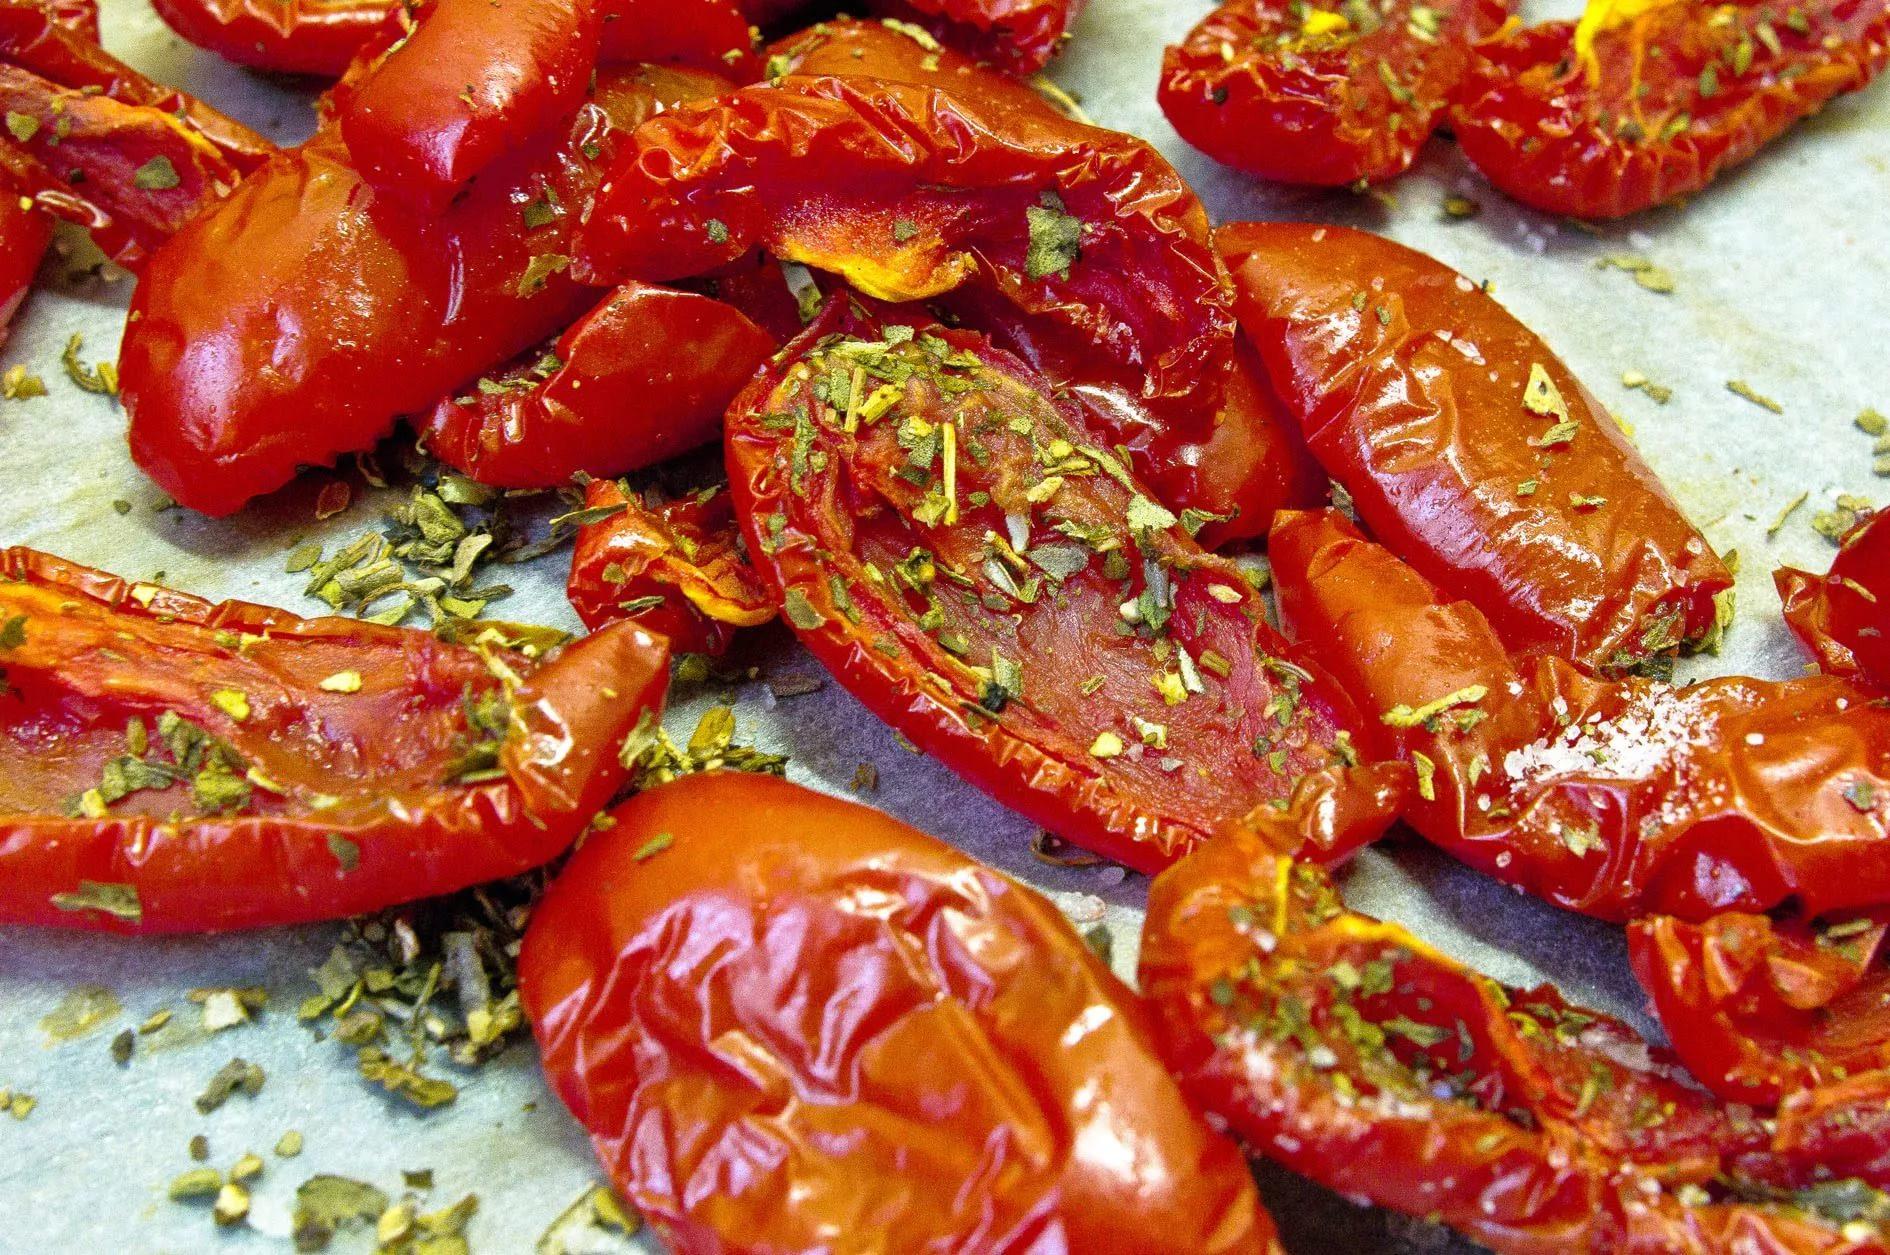 Томатная паста в домашних условиях. Лучшие рецепты томатной пасты 57